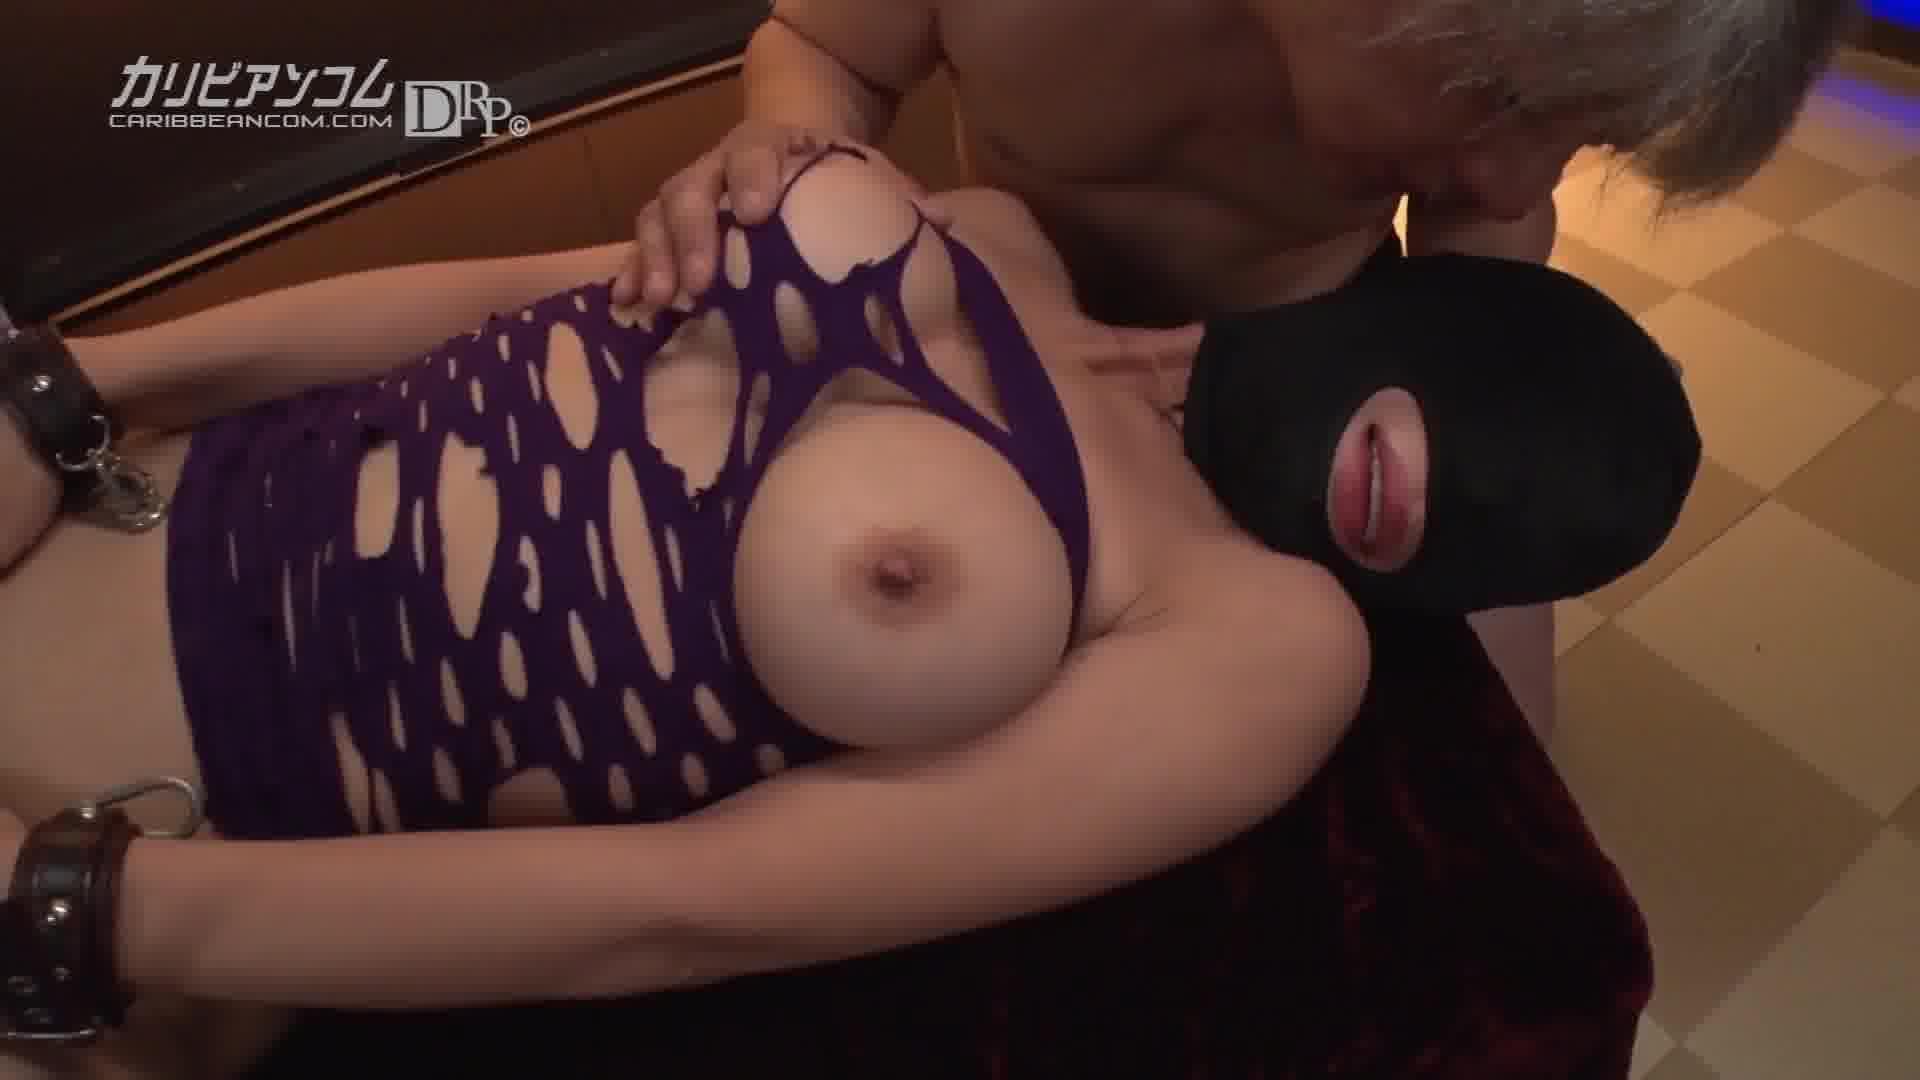 性欲処理マゾマスク ~乳首を強く引っ張ってぇ~ - 性欲処理マゾマスク 07号【ボンテージ・パイパン・巨乳】